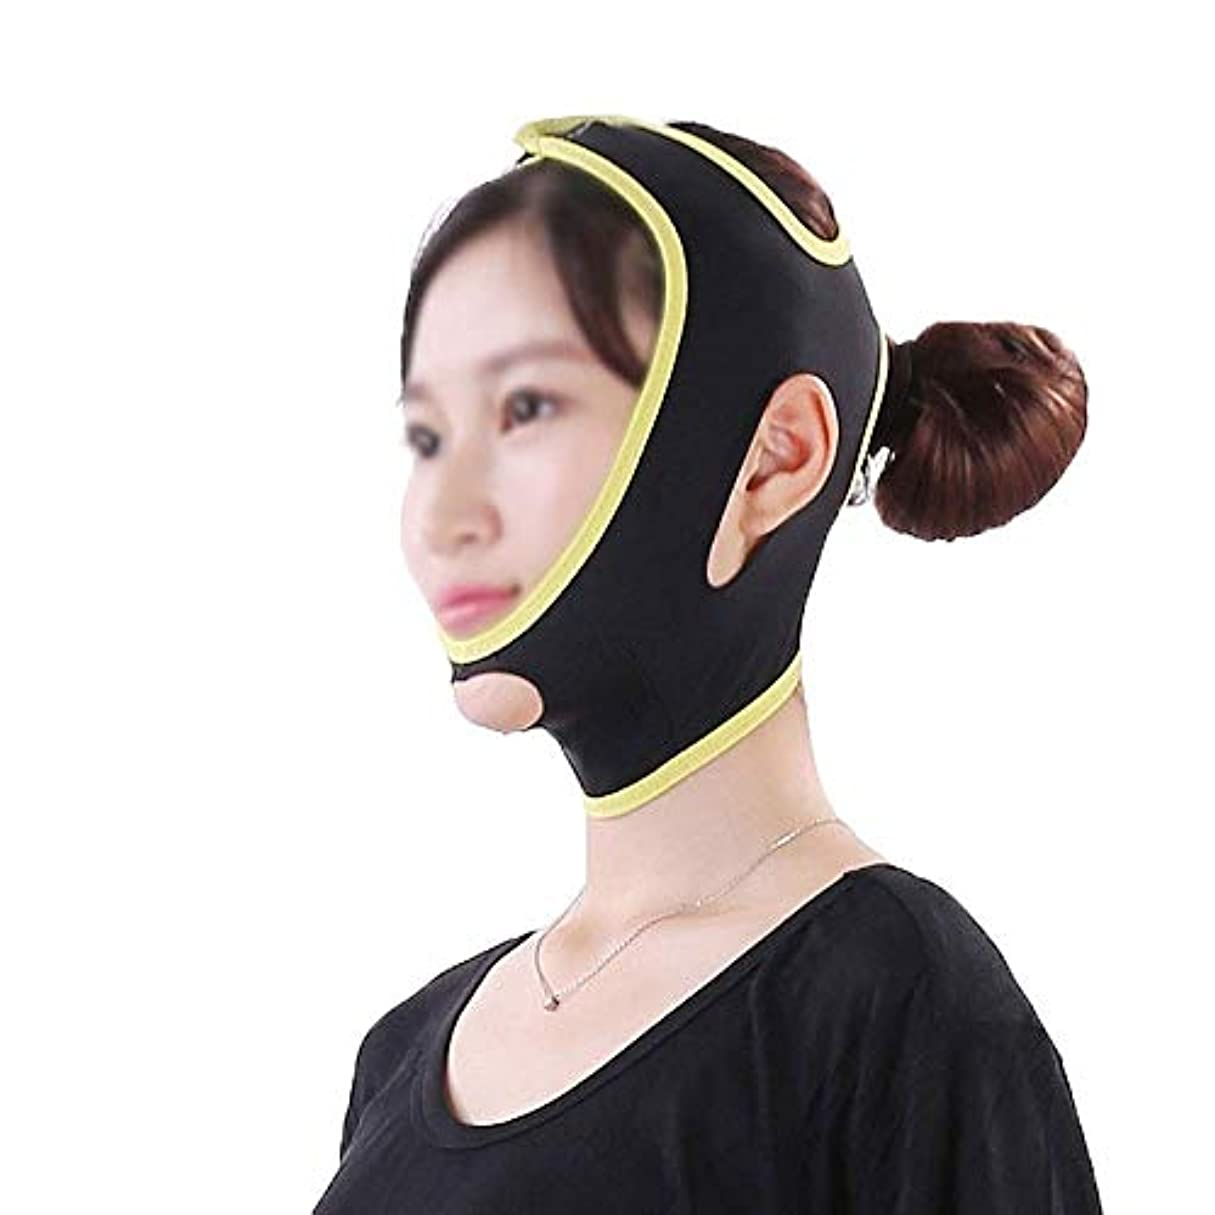 ファッション行く反響するフェイスアンドネックリフト、フェイスリフトマスク強力なフェイスマスクフェイスリフトアーティファクトフェイスリフティングフェイスリフティングツールフェイスリフティングバンデージ薄いフェイスマスクビューティーマスク